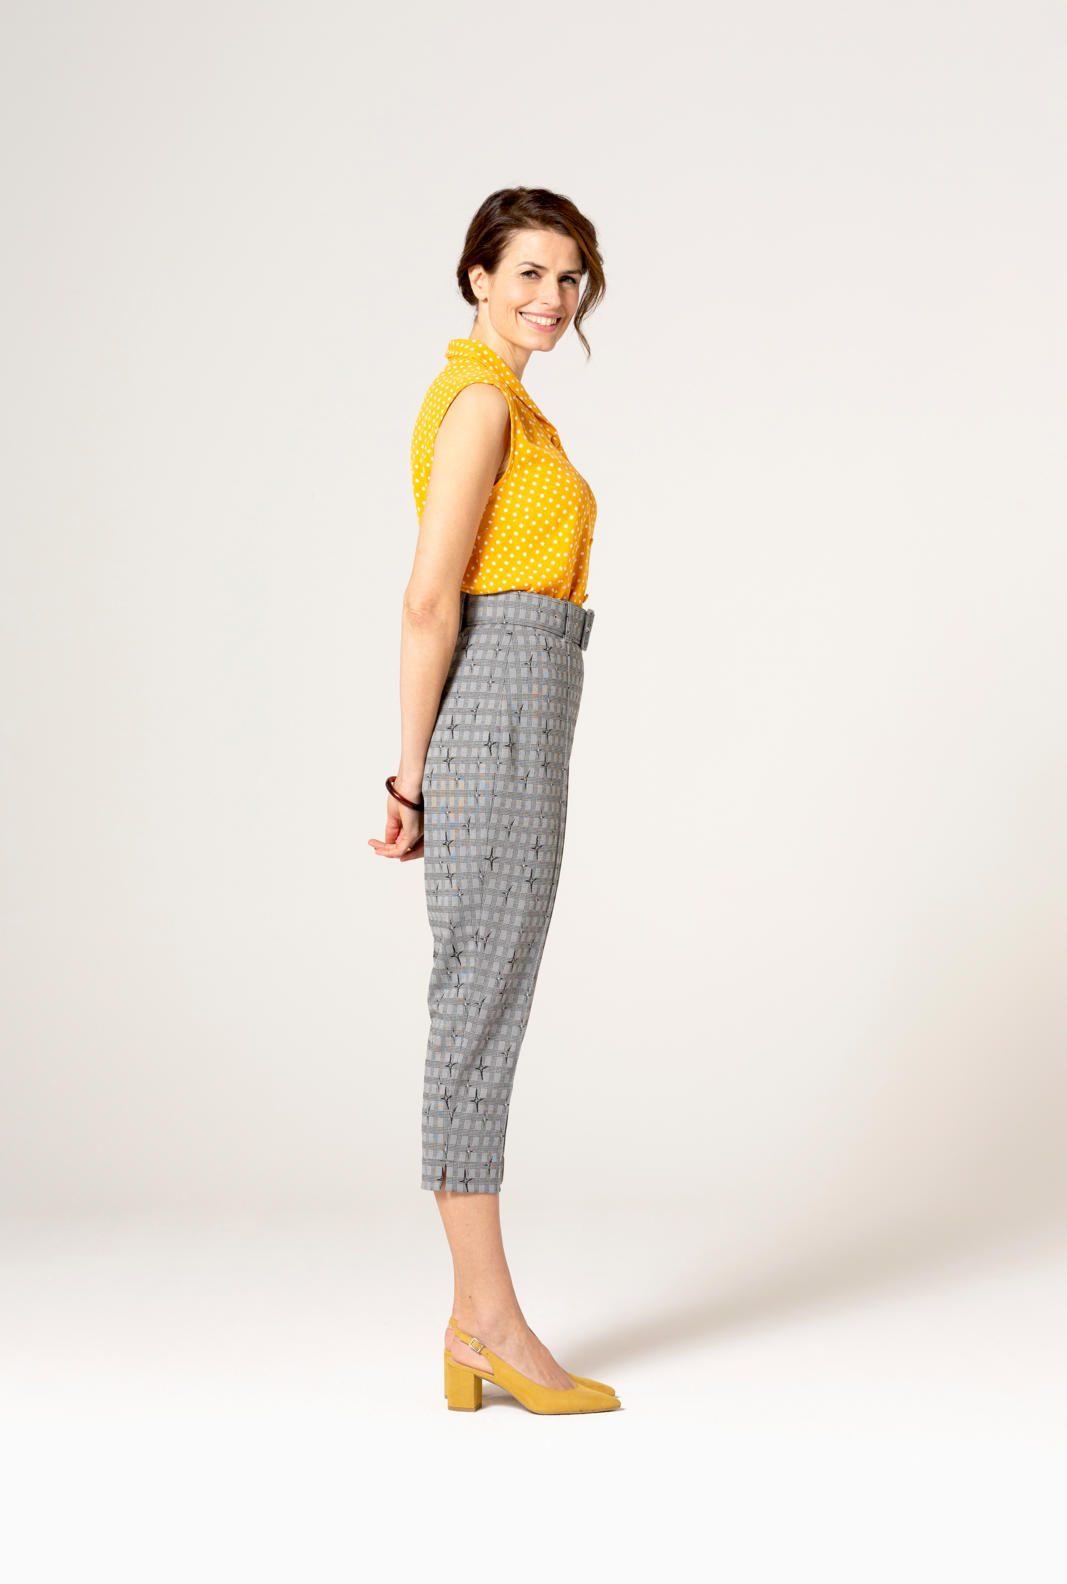 KM 4 blouse 28 en broek 31